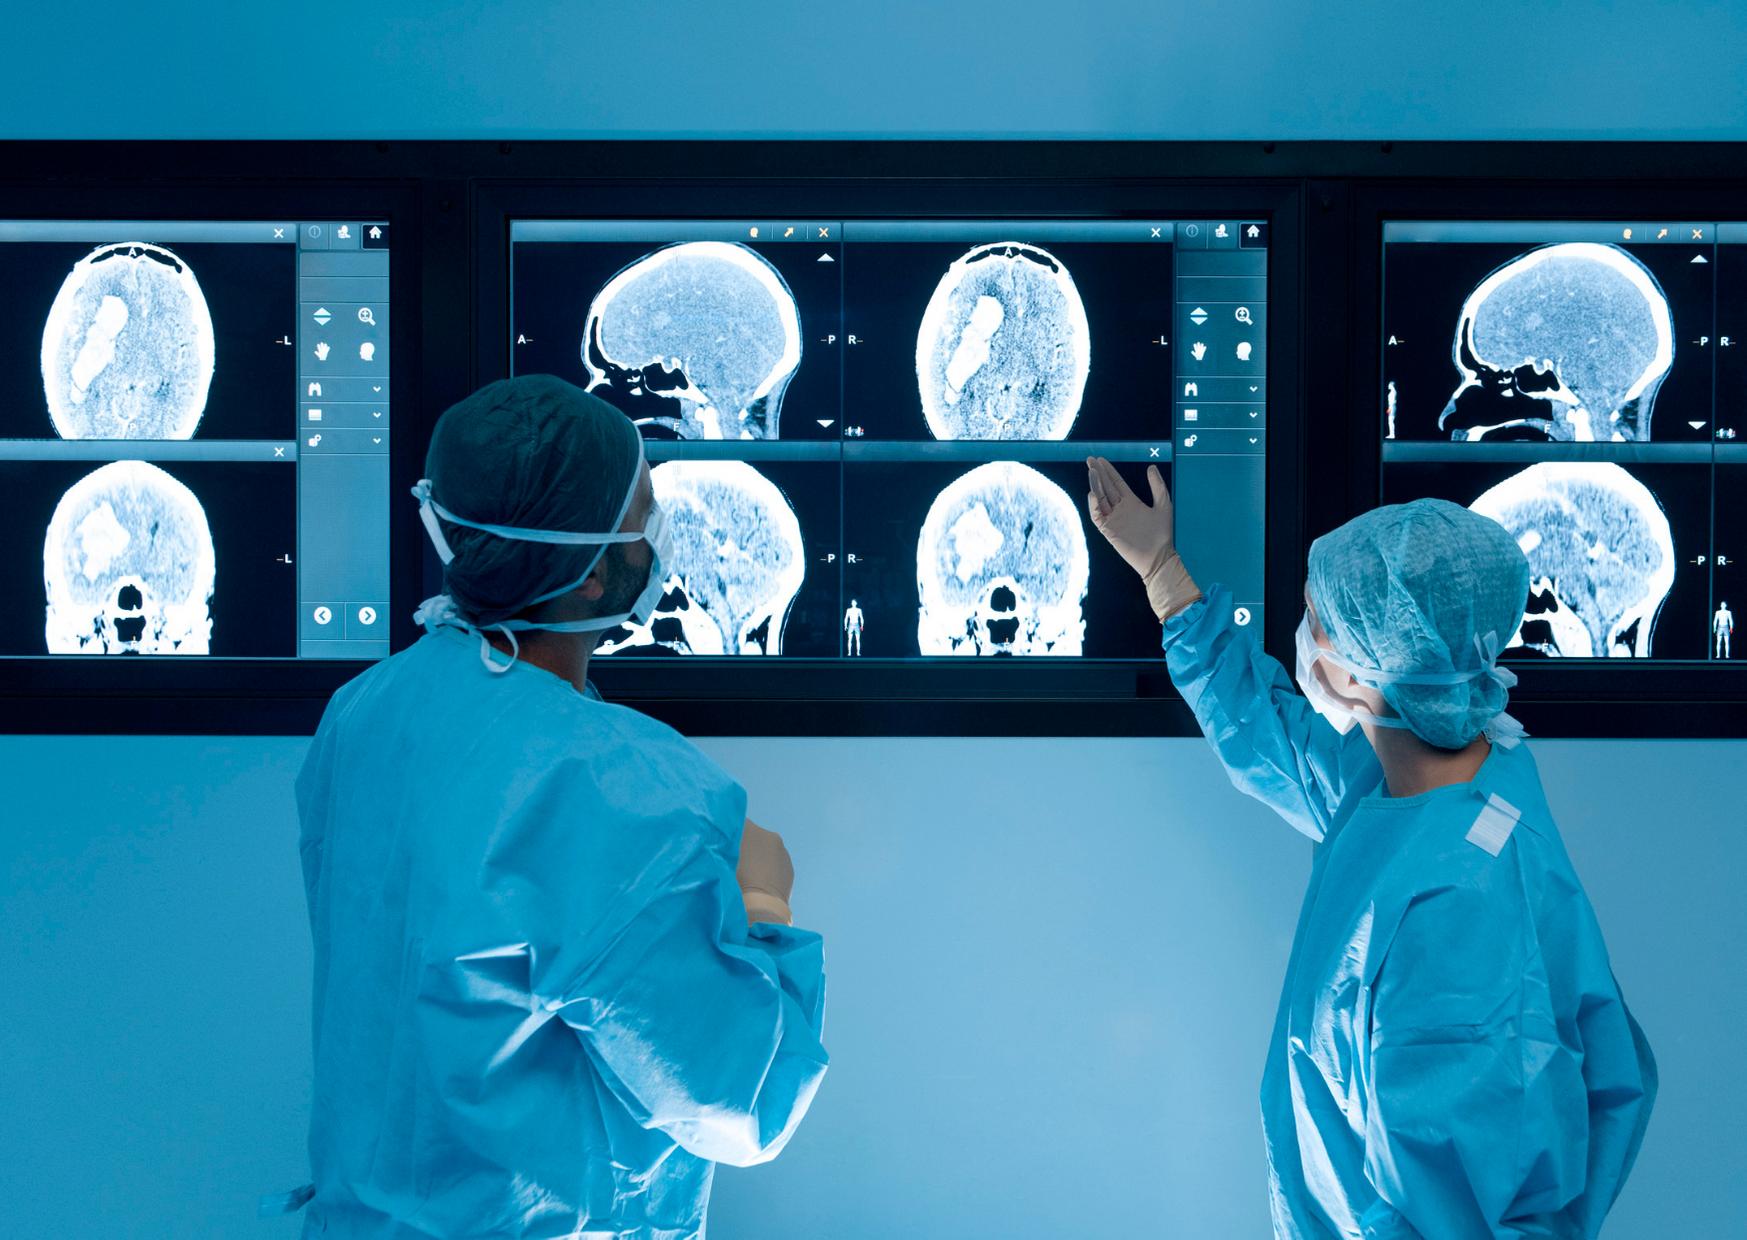 Λειτουργικής Νευροχειρουργικής (Ιατρείο)